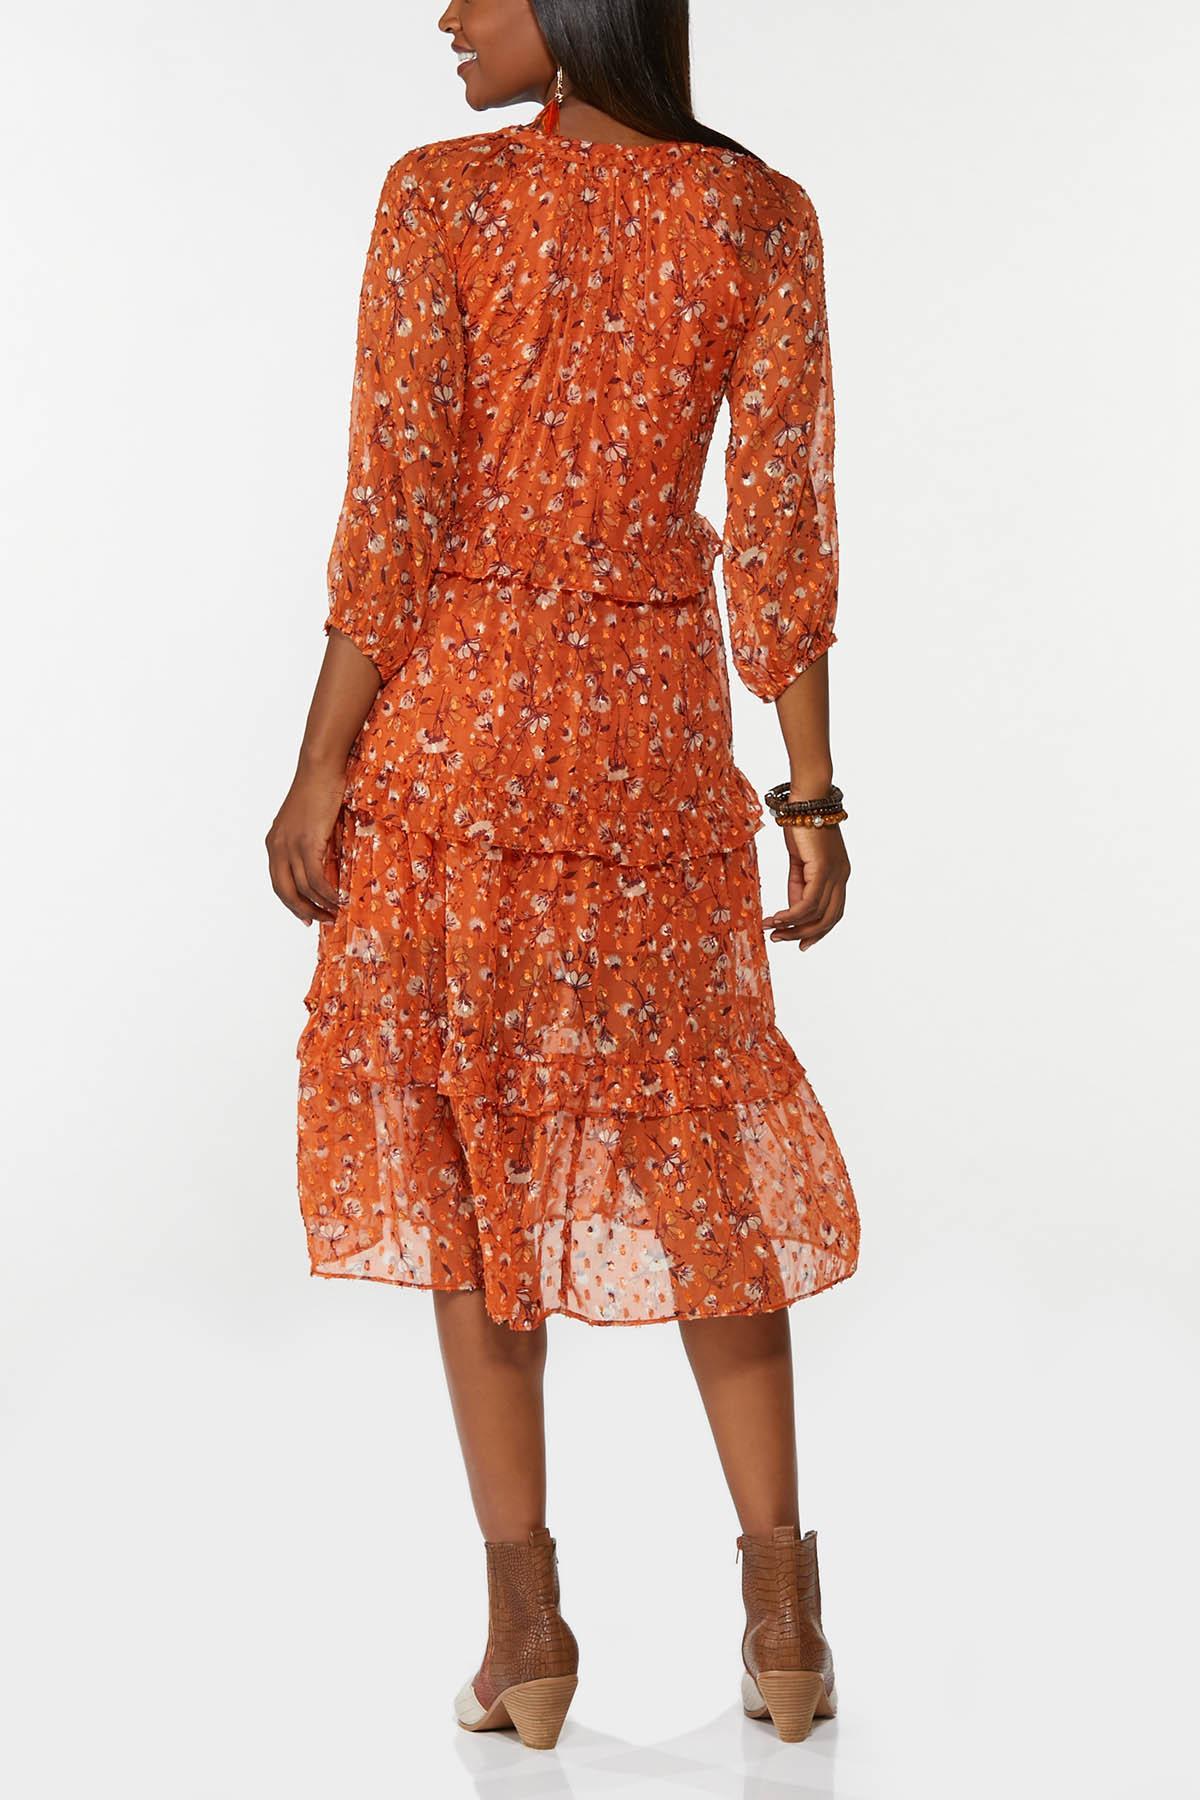 Tiered Orange Floral Dress (Item #44714719)